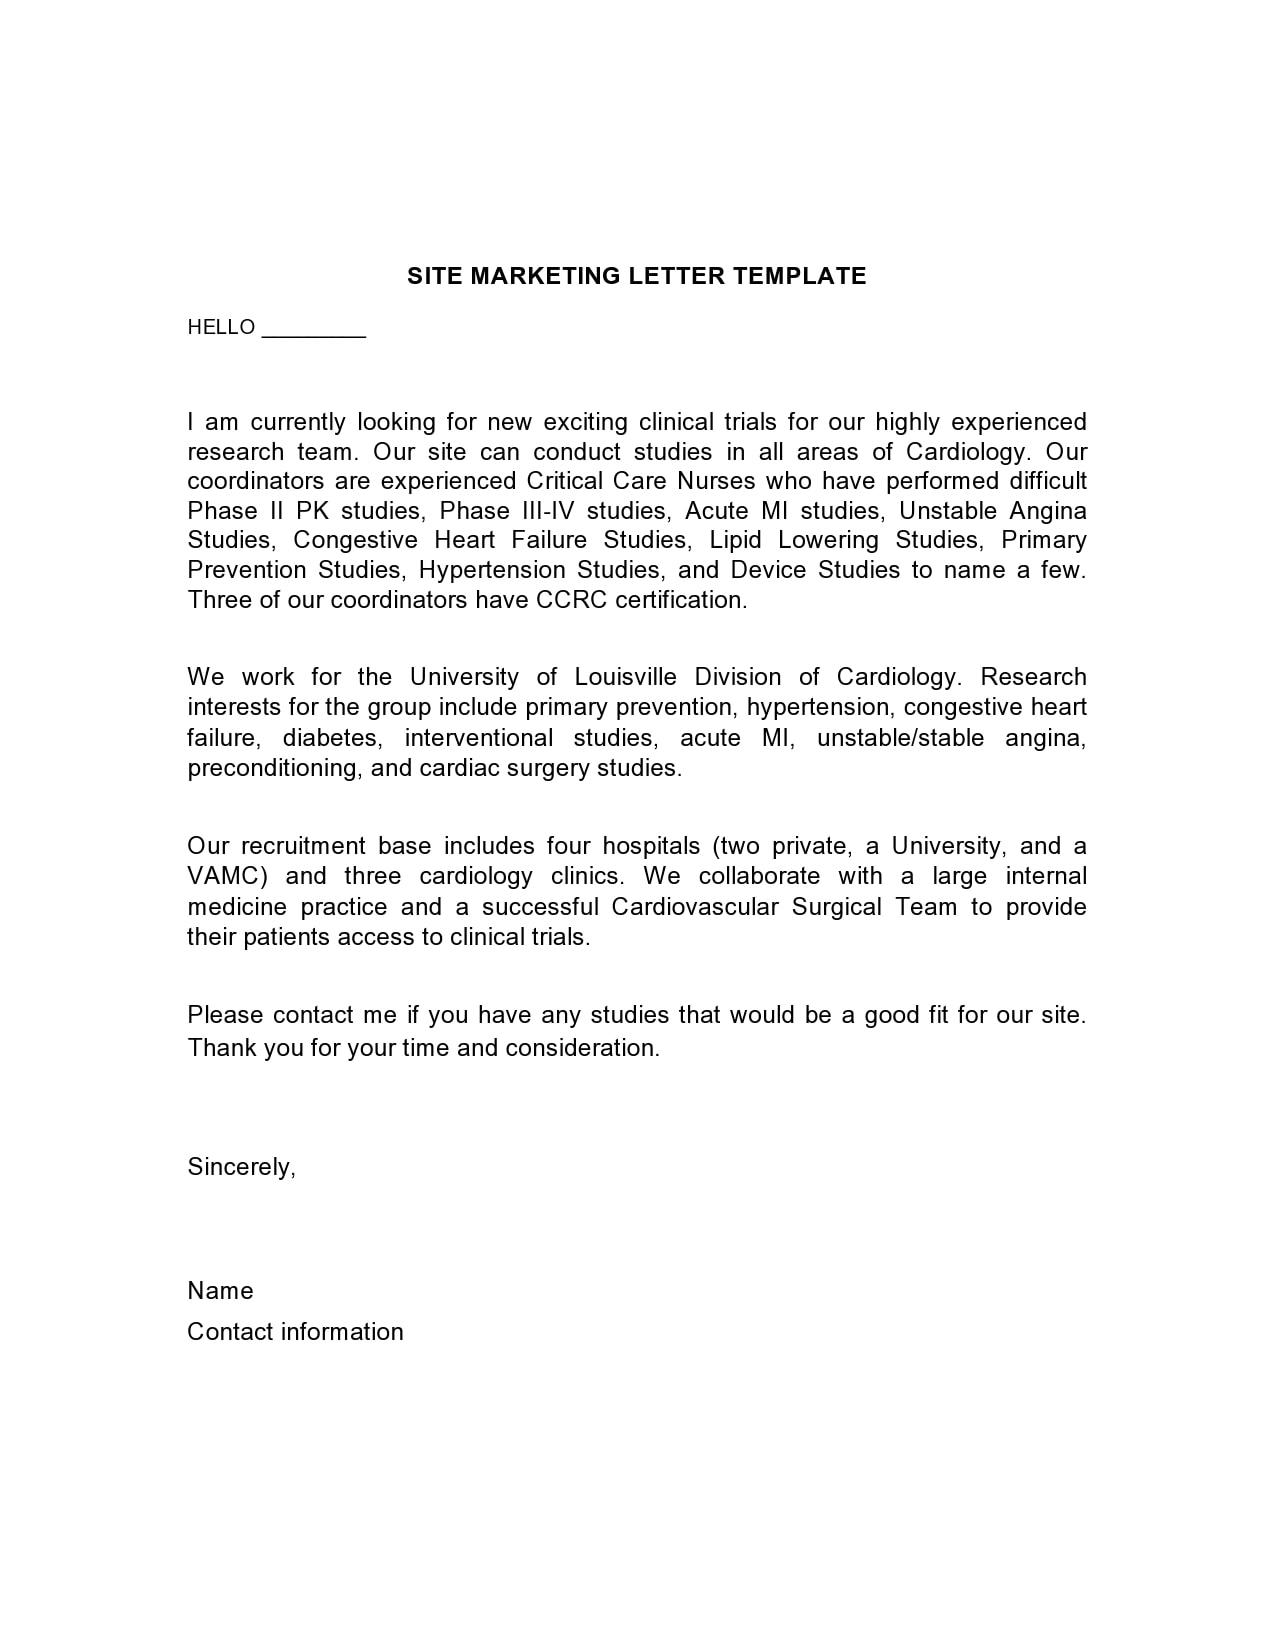 marketing letter 04